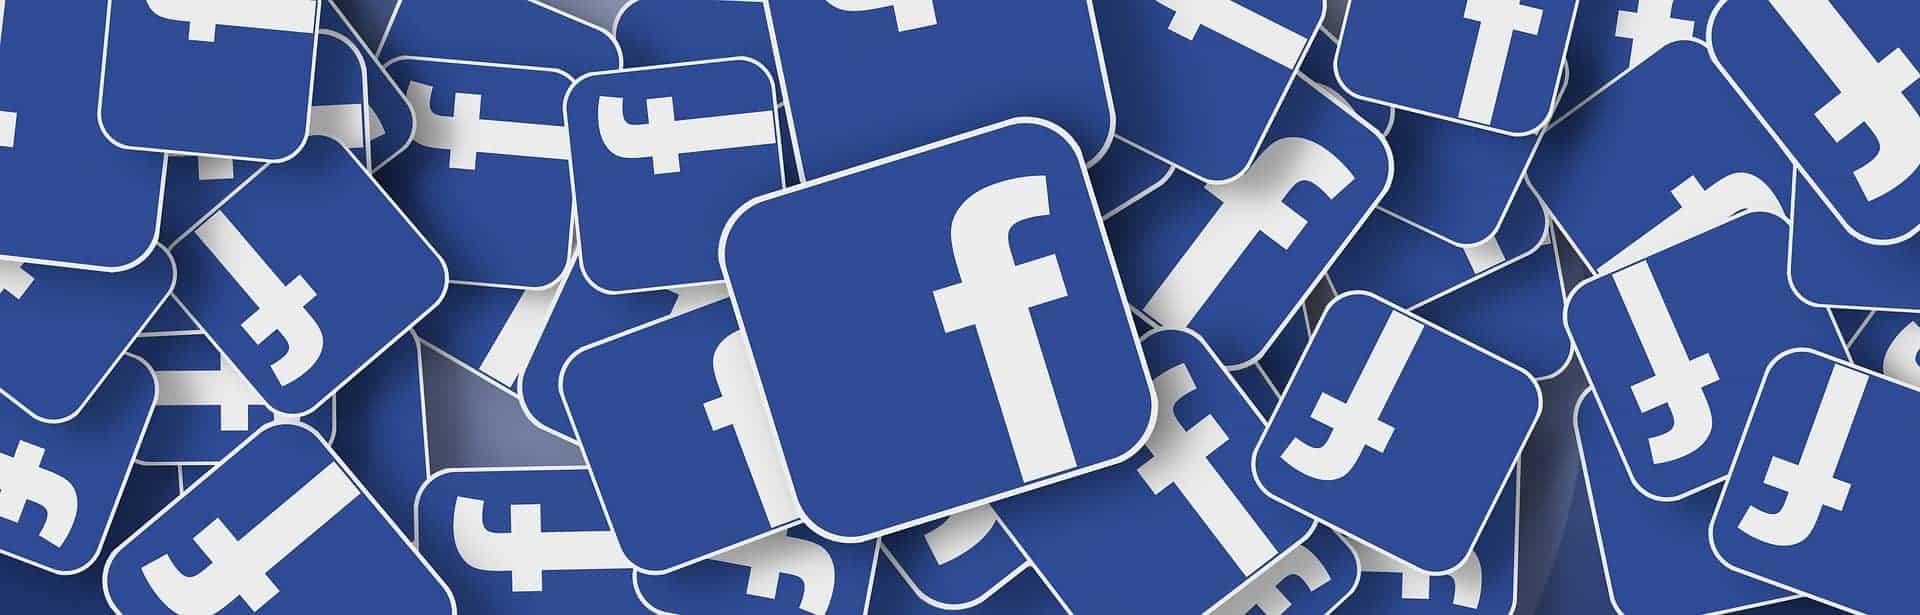 Kliknite na, Facebook 'Aplikacije i web mjesta' i provjerite s kim ste dijelili svoje podatke